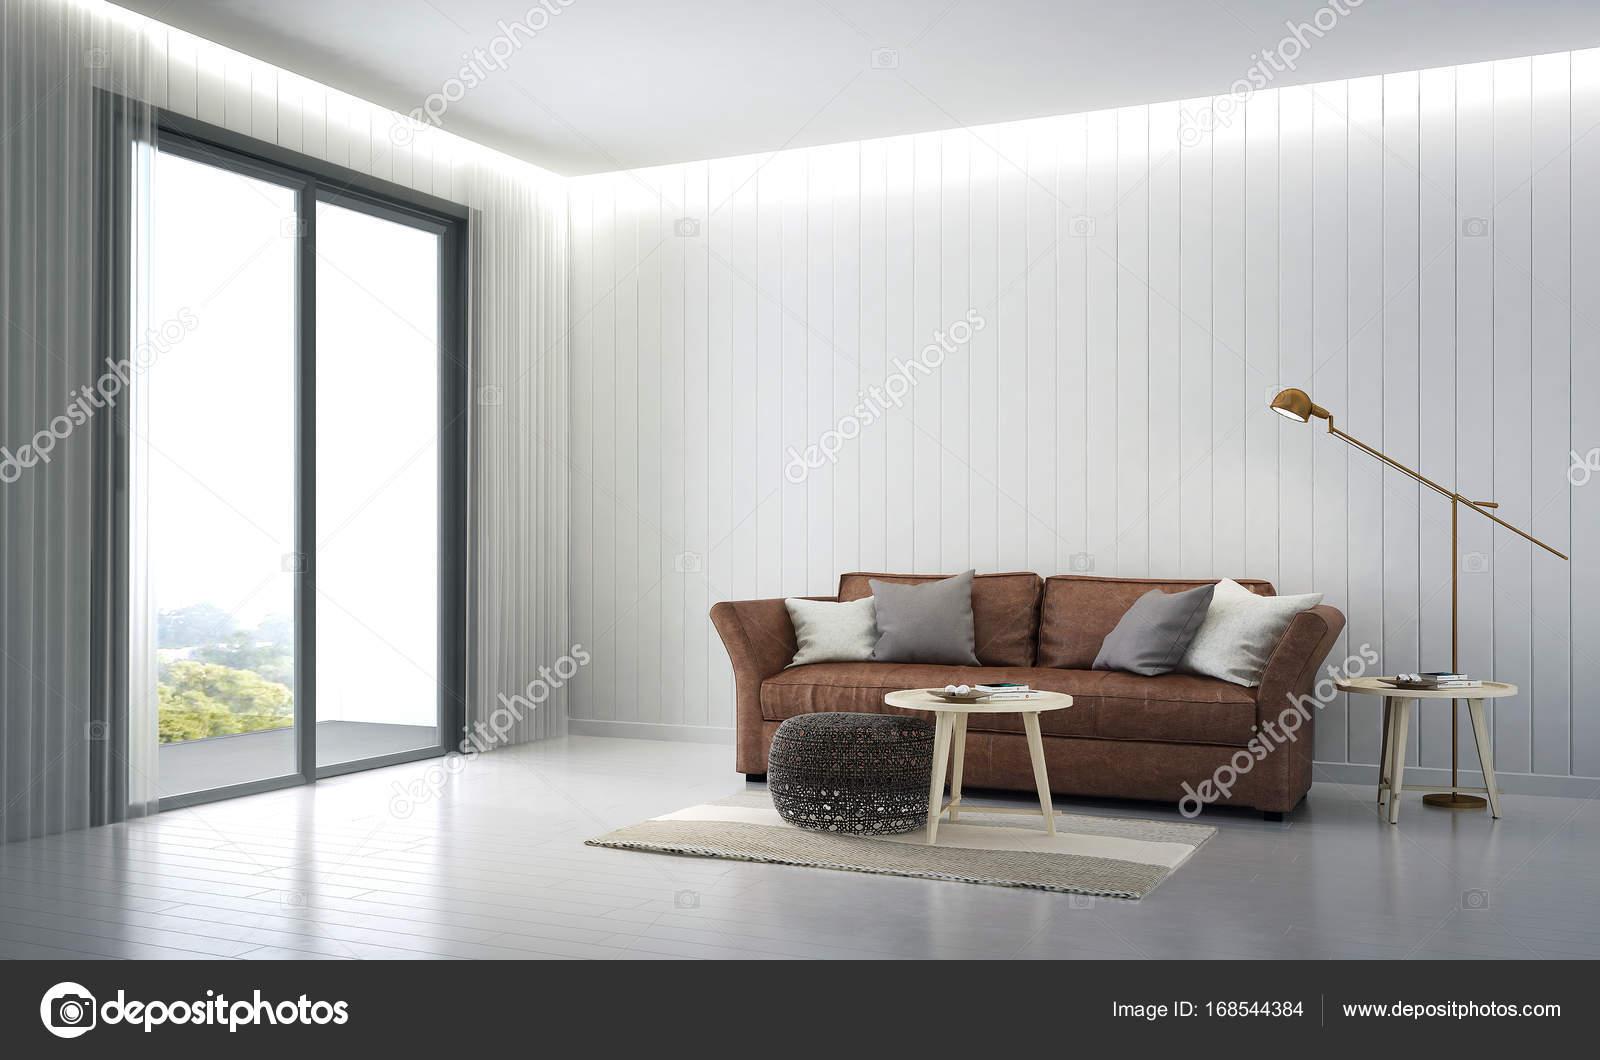 Linterior design di sedie a sdraio e struttura della parete